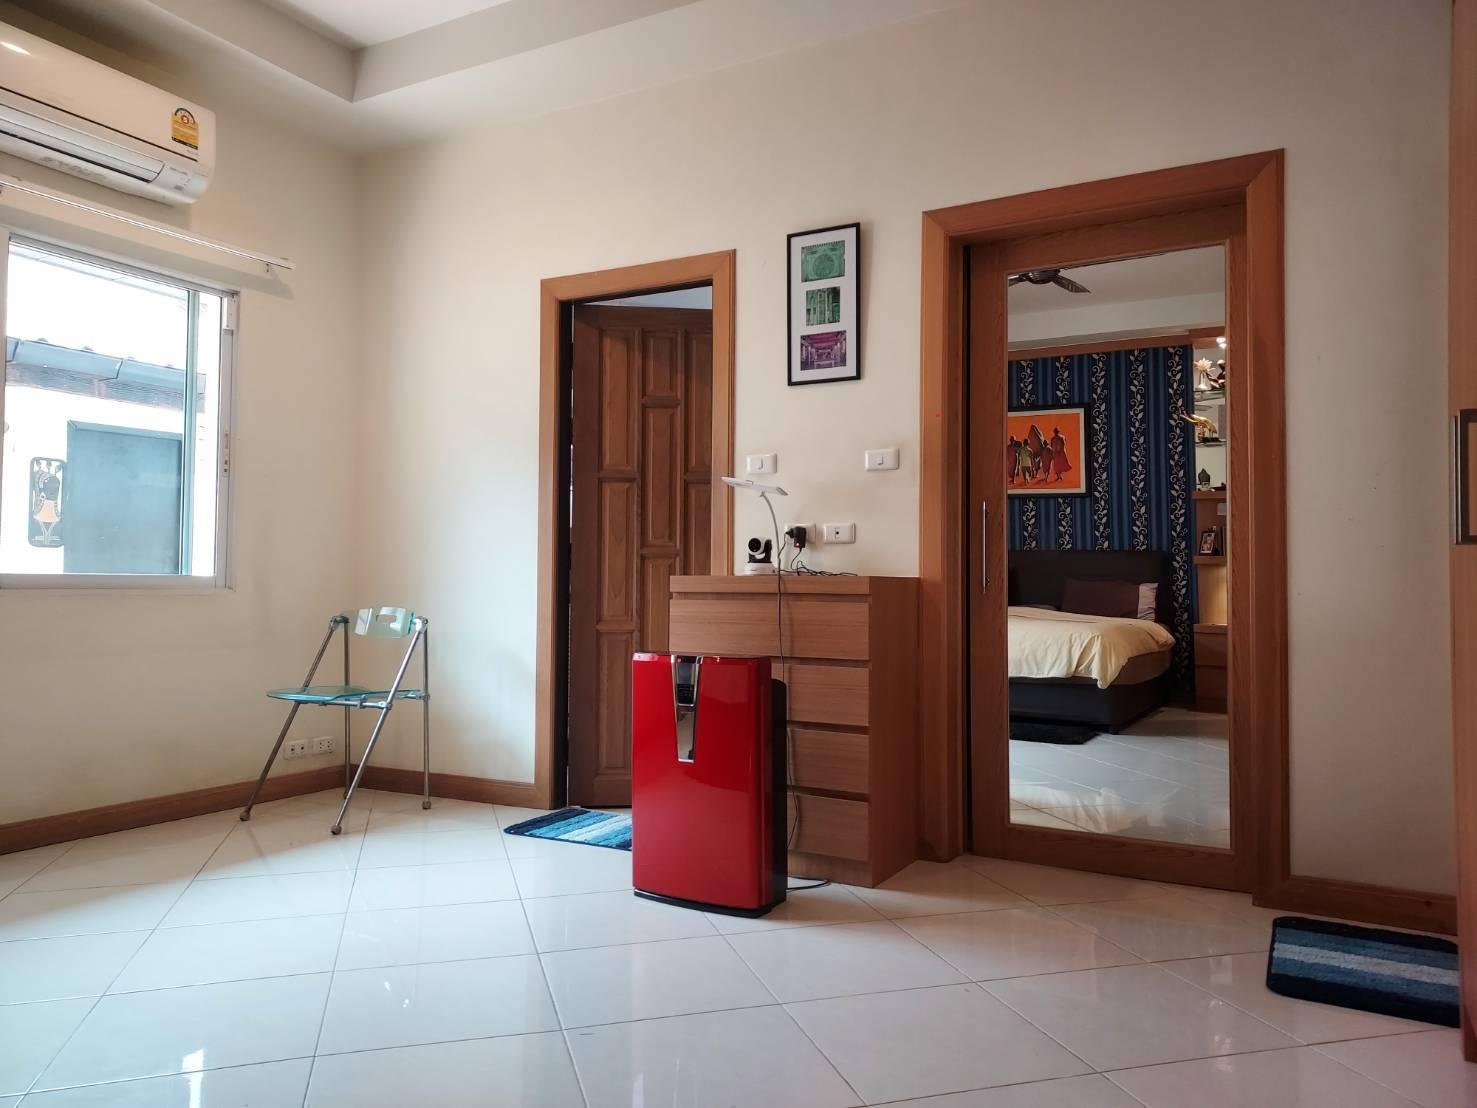 ขาย บ้าน 4 ห้องนอน ย่าน Nong Pru